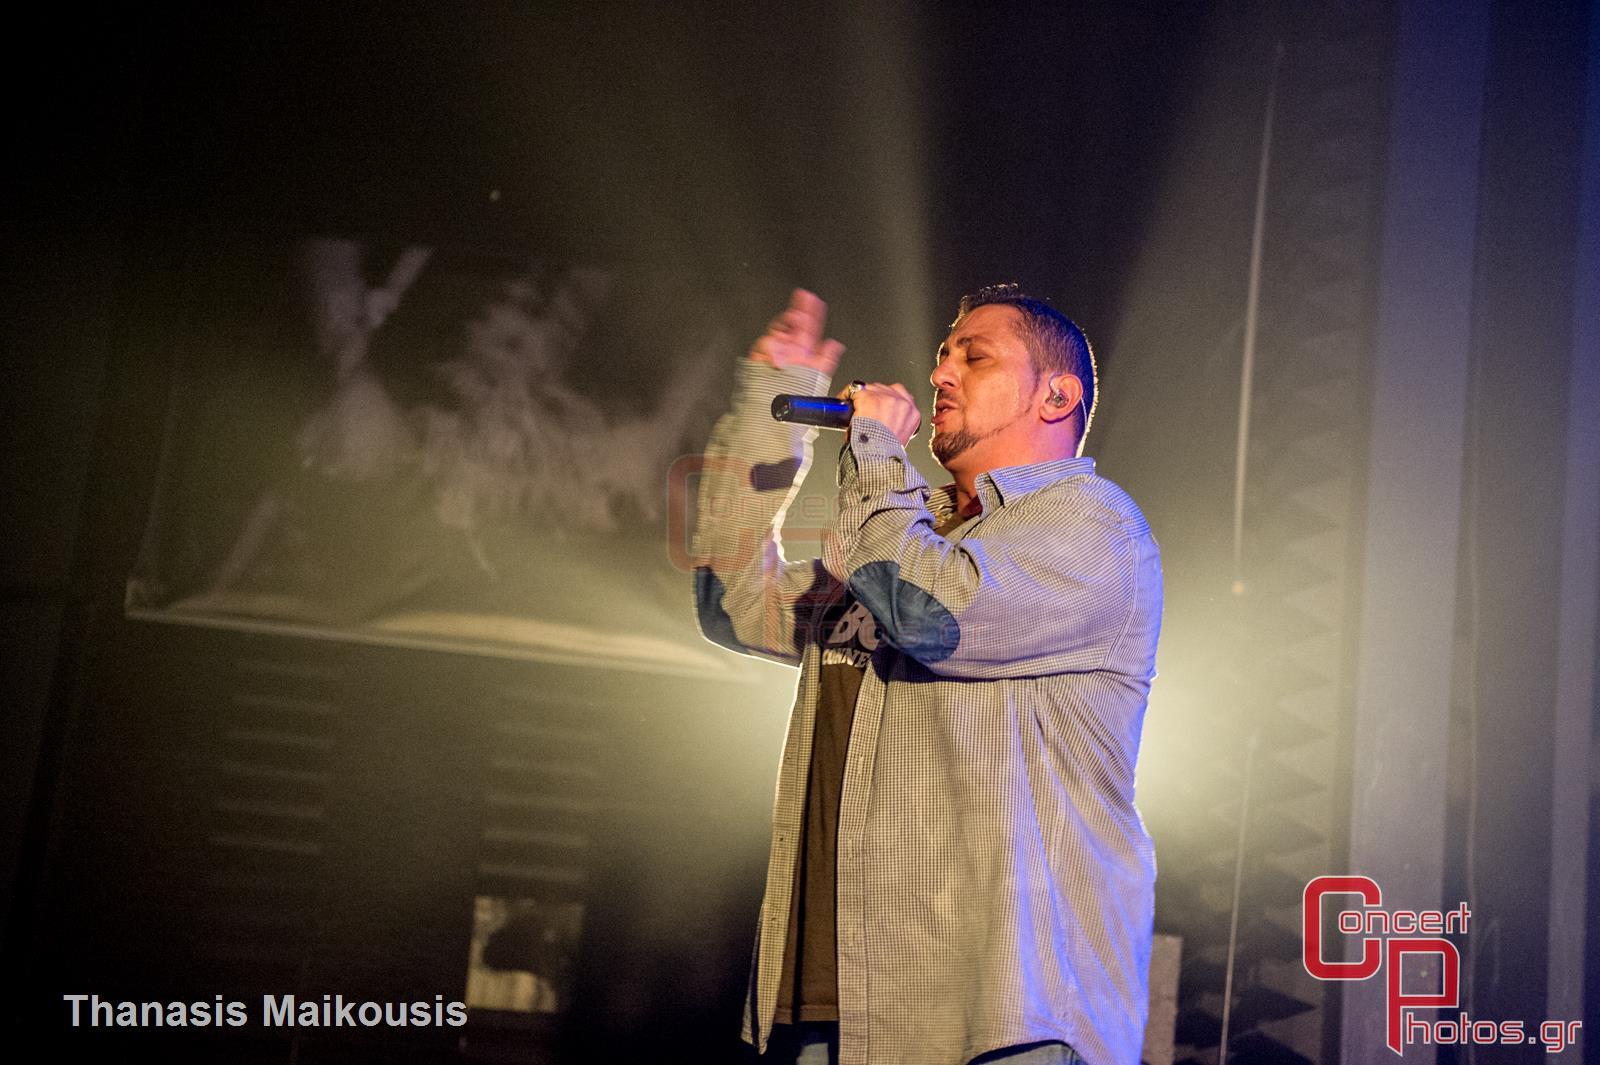 Dub Inc-Dub Inc photographer: Thanasis Maikousis - concertphotos_-5483